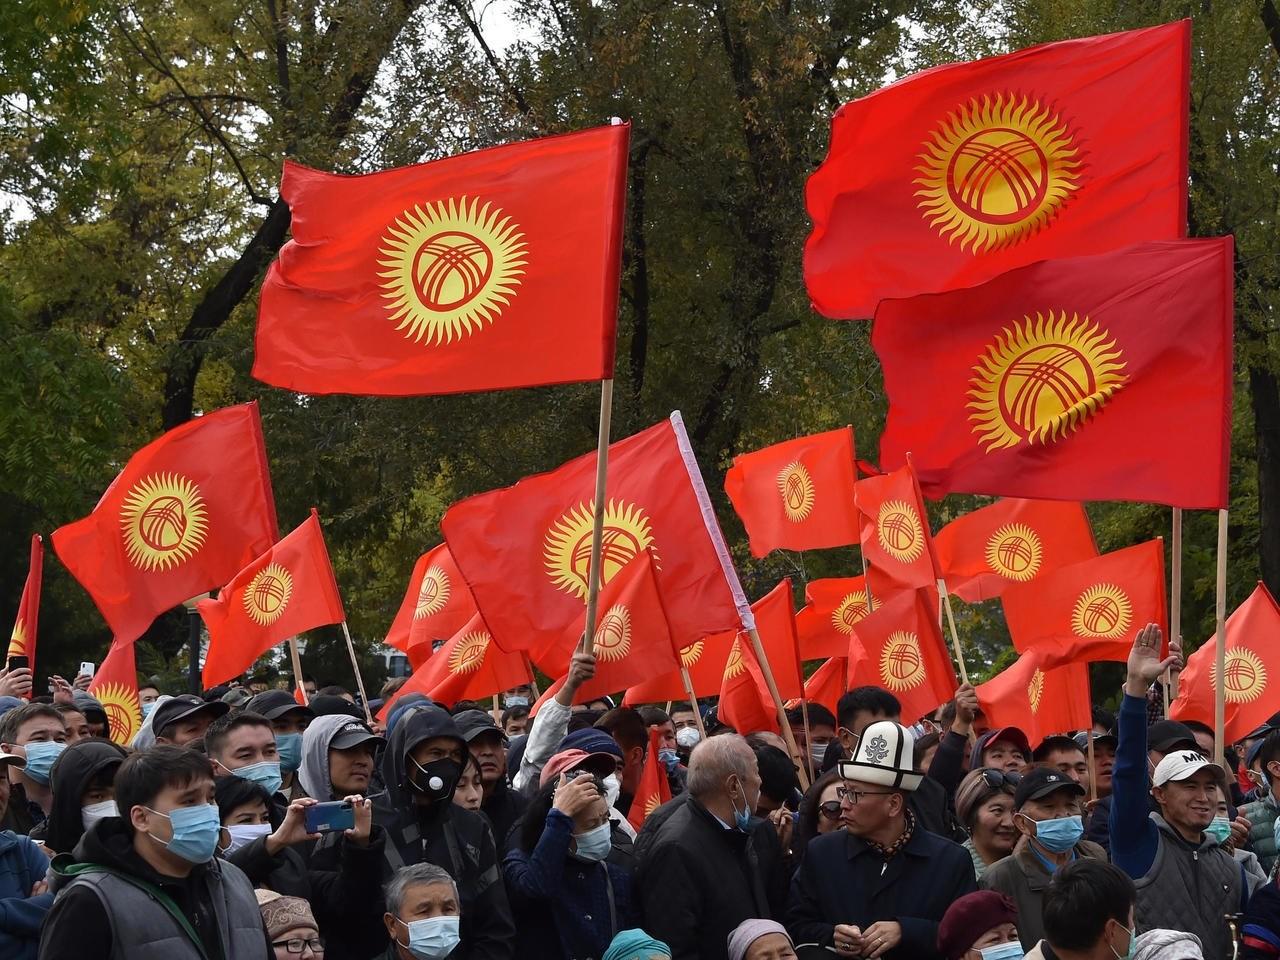 يعقد برلمان قرغيزستان اجتماعه في القصر الرئاسي بعدما تعرض مقره للنهب من قبل محتجين